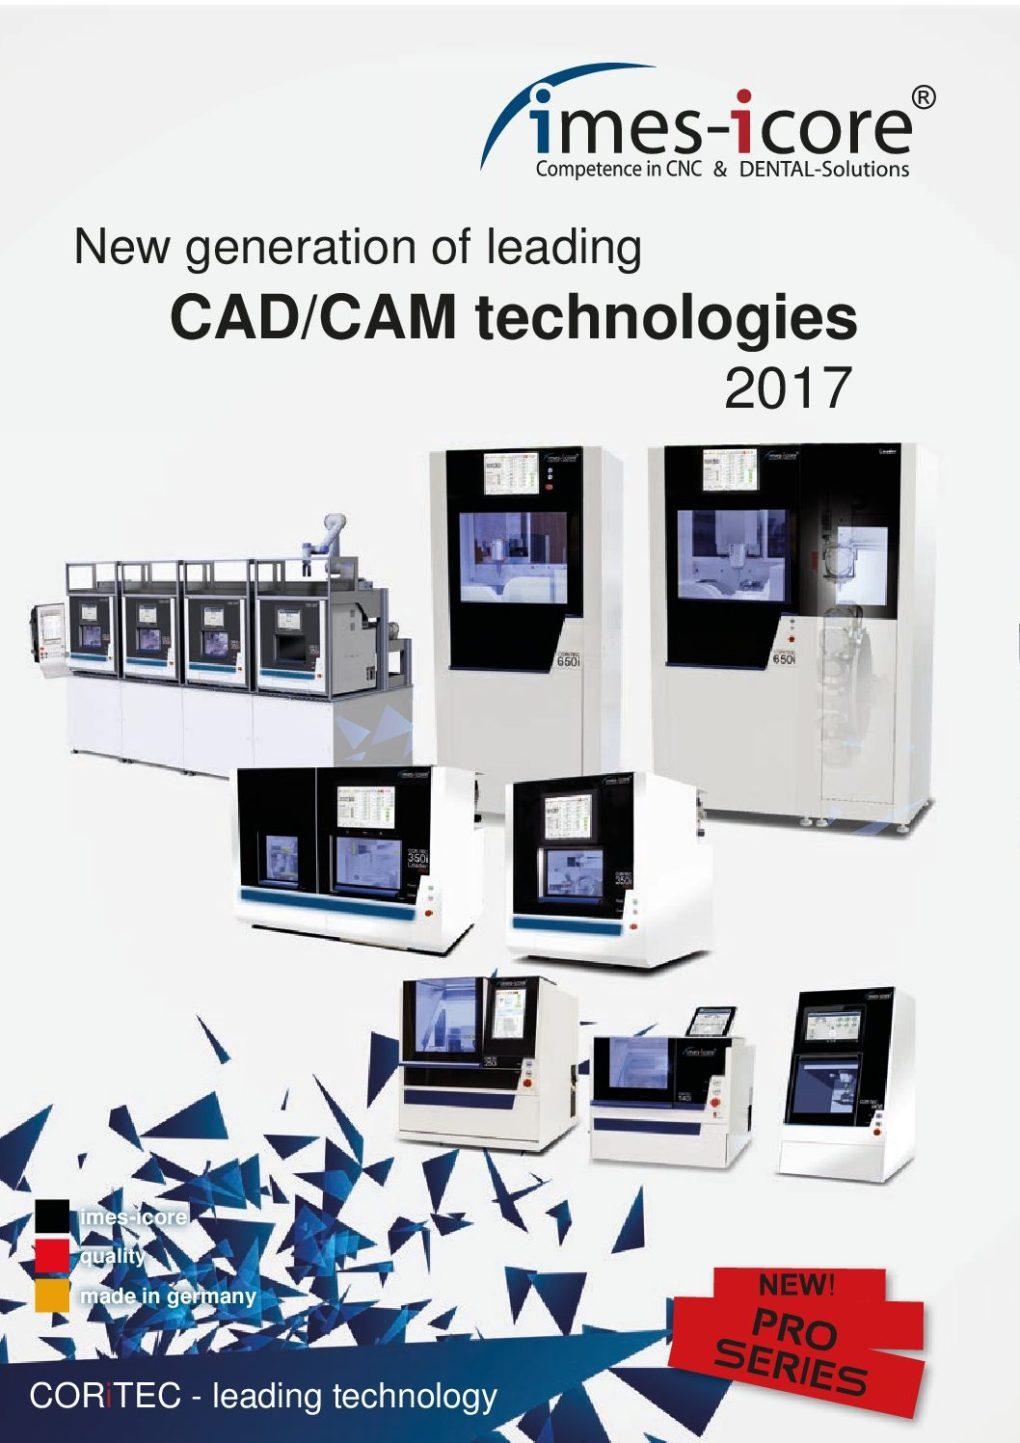 dentalkatalog 2017 i-mes-i-core